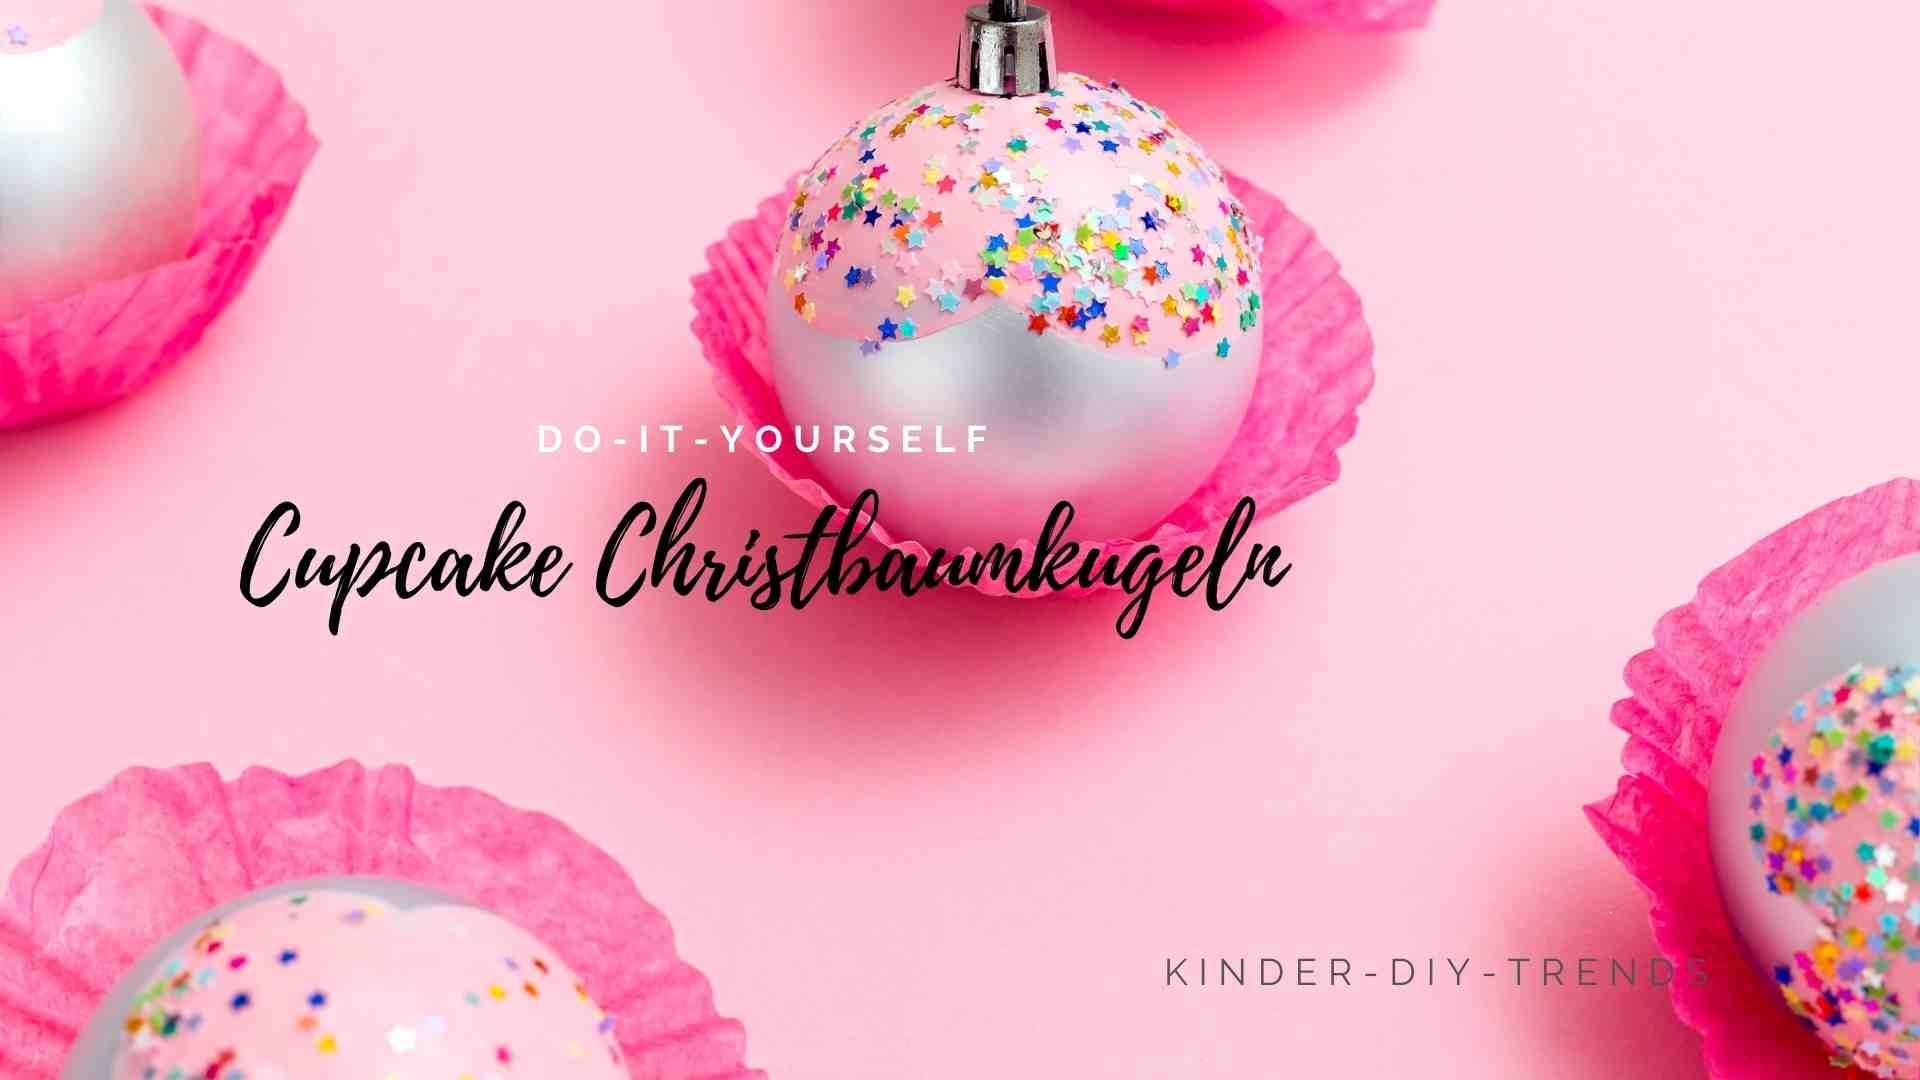 Anleitung Cupcake Christbaumkugeln basteln